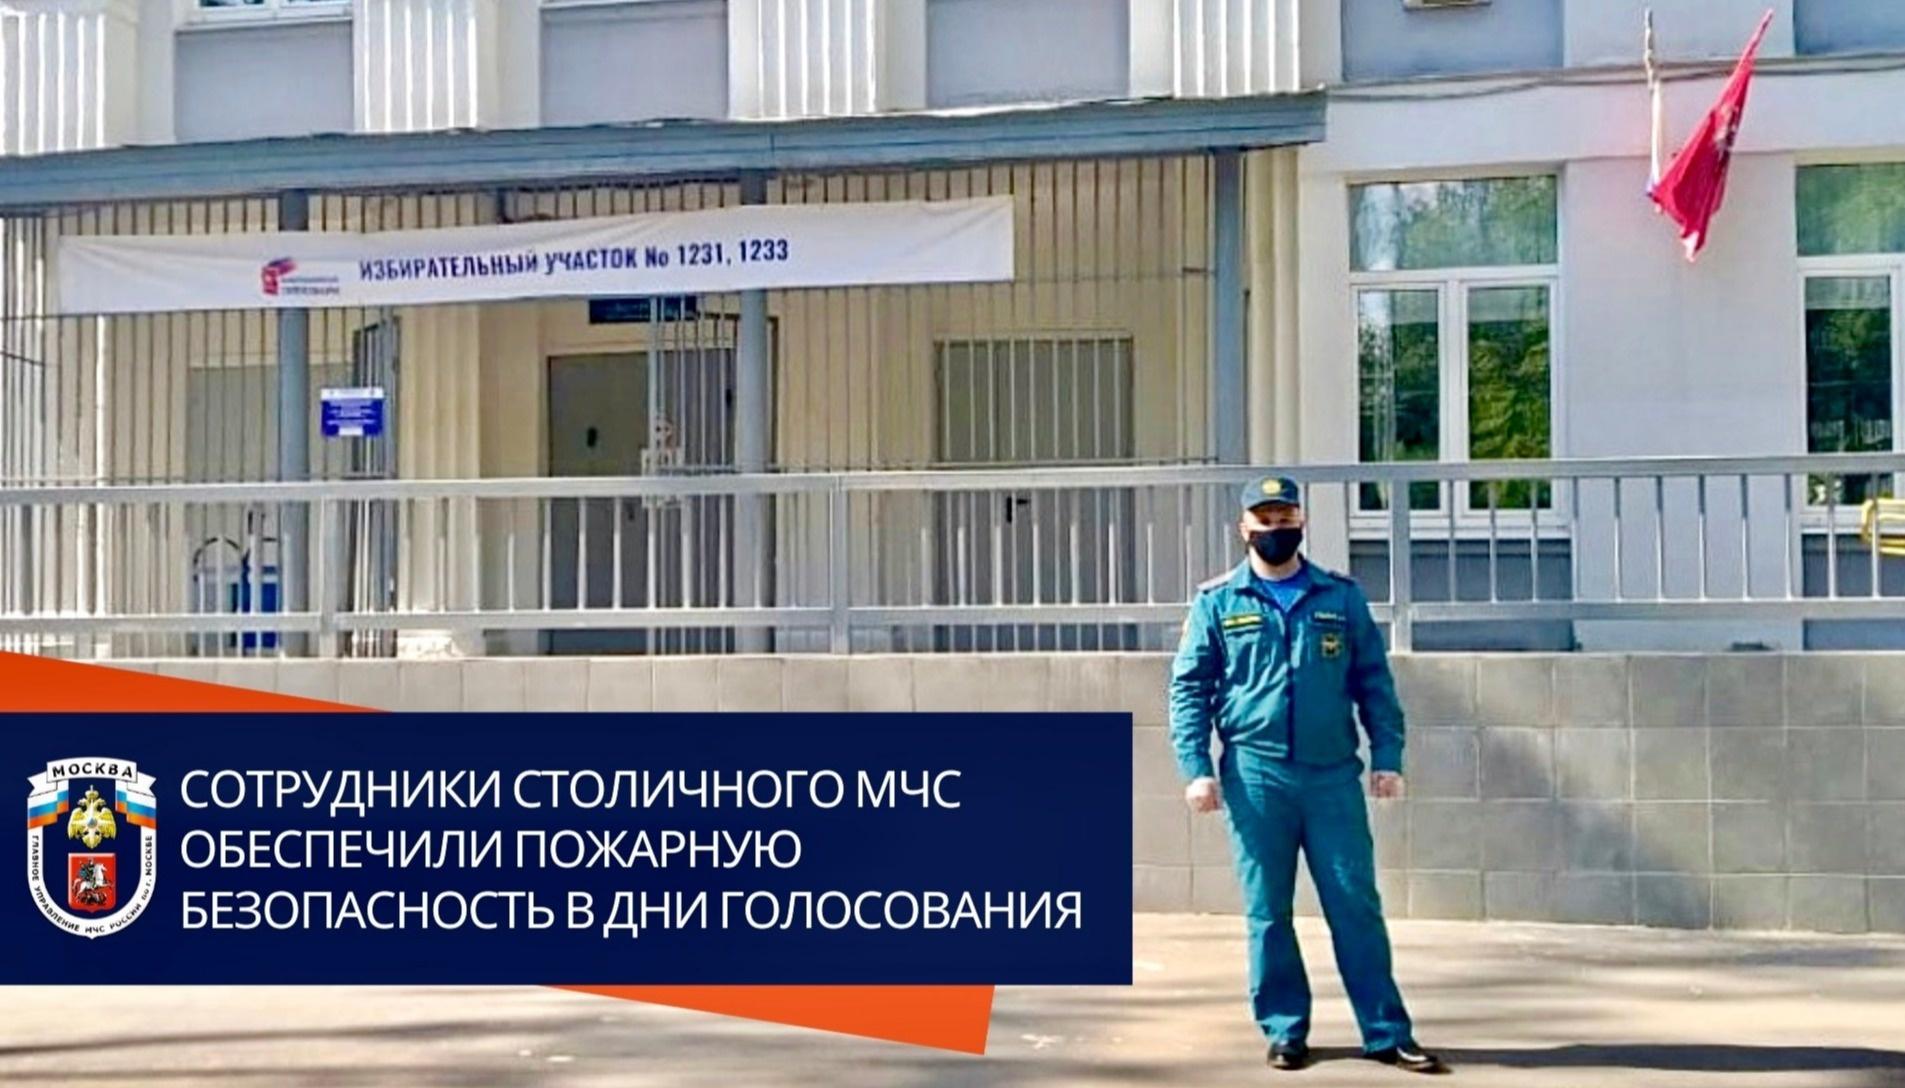 Сотрудники столичного МЧС обеспечили пожарную безопасность в дни проведения общероссийского голосования